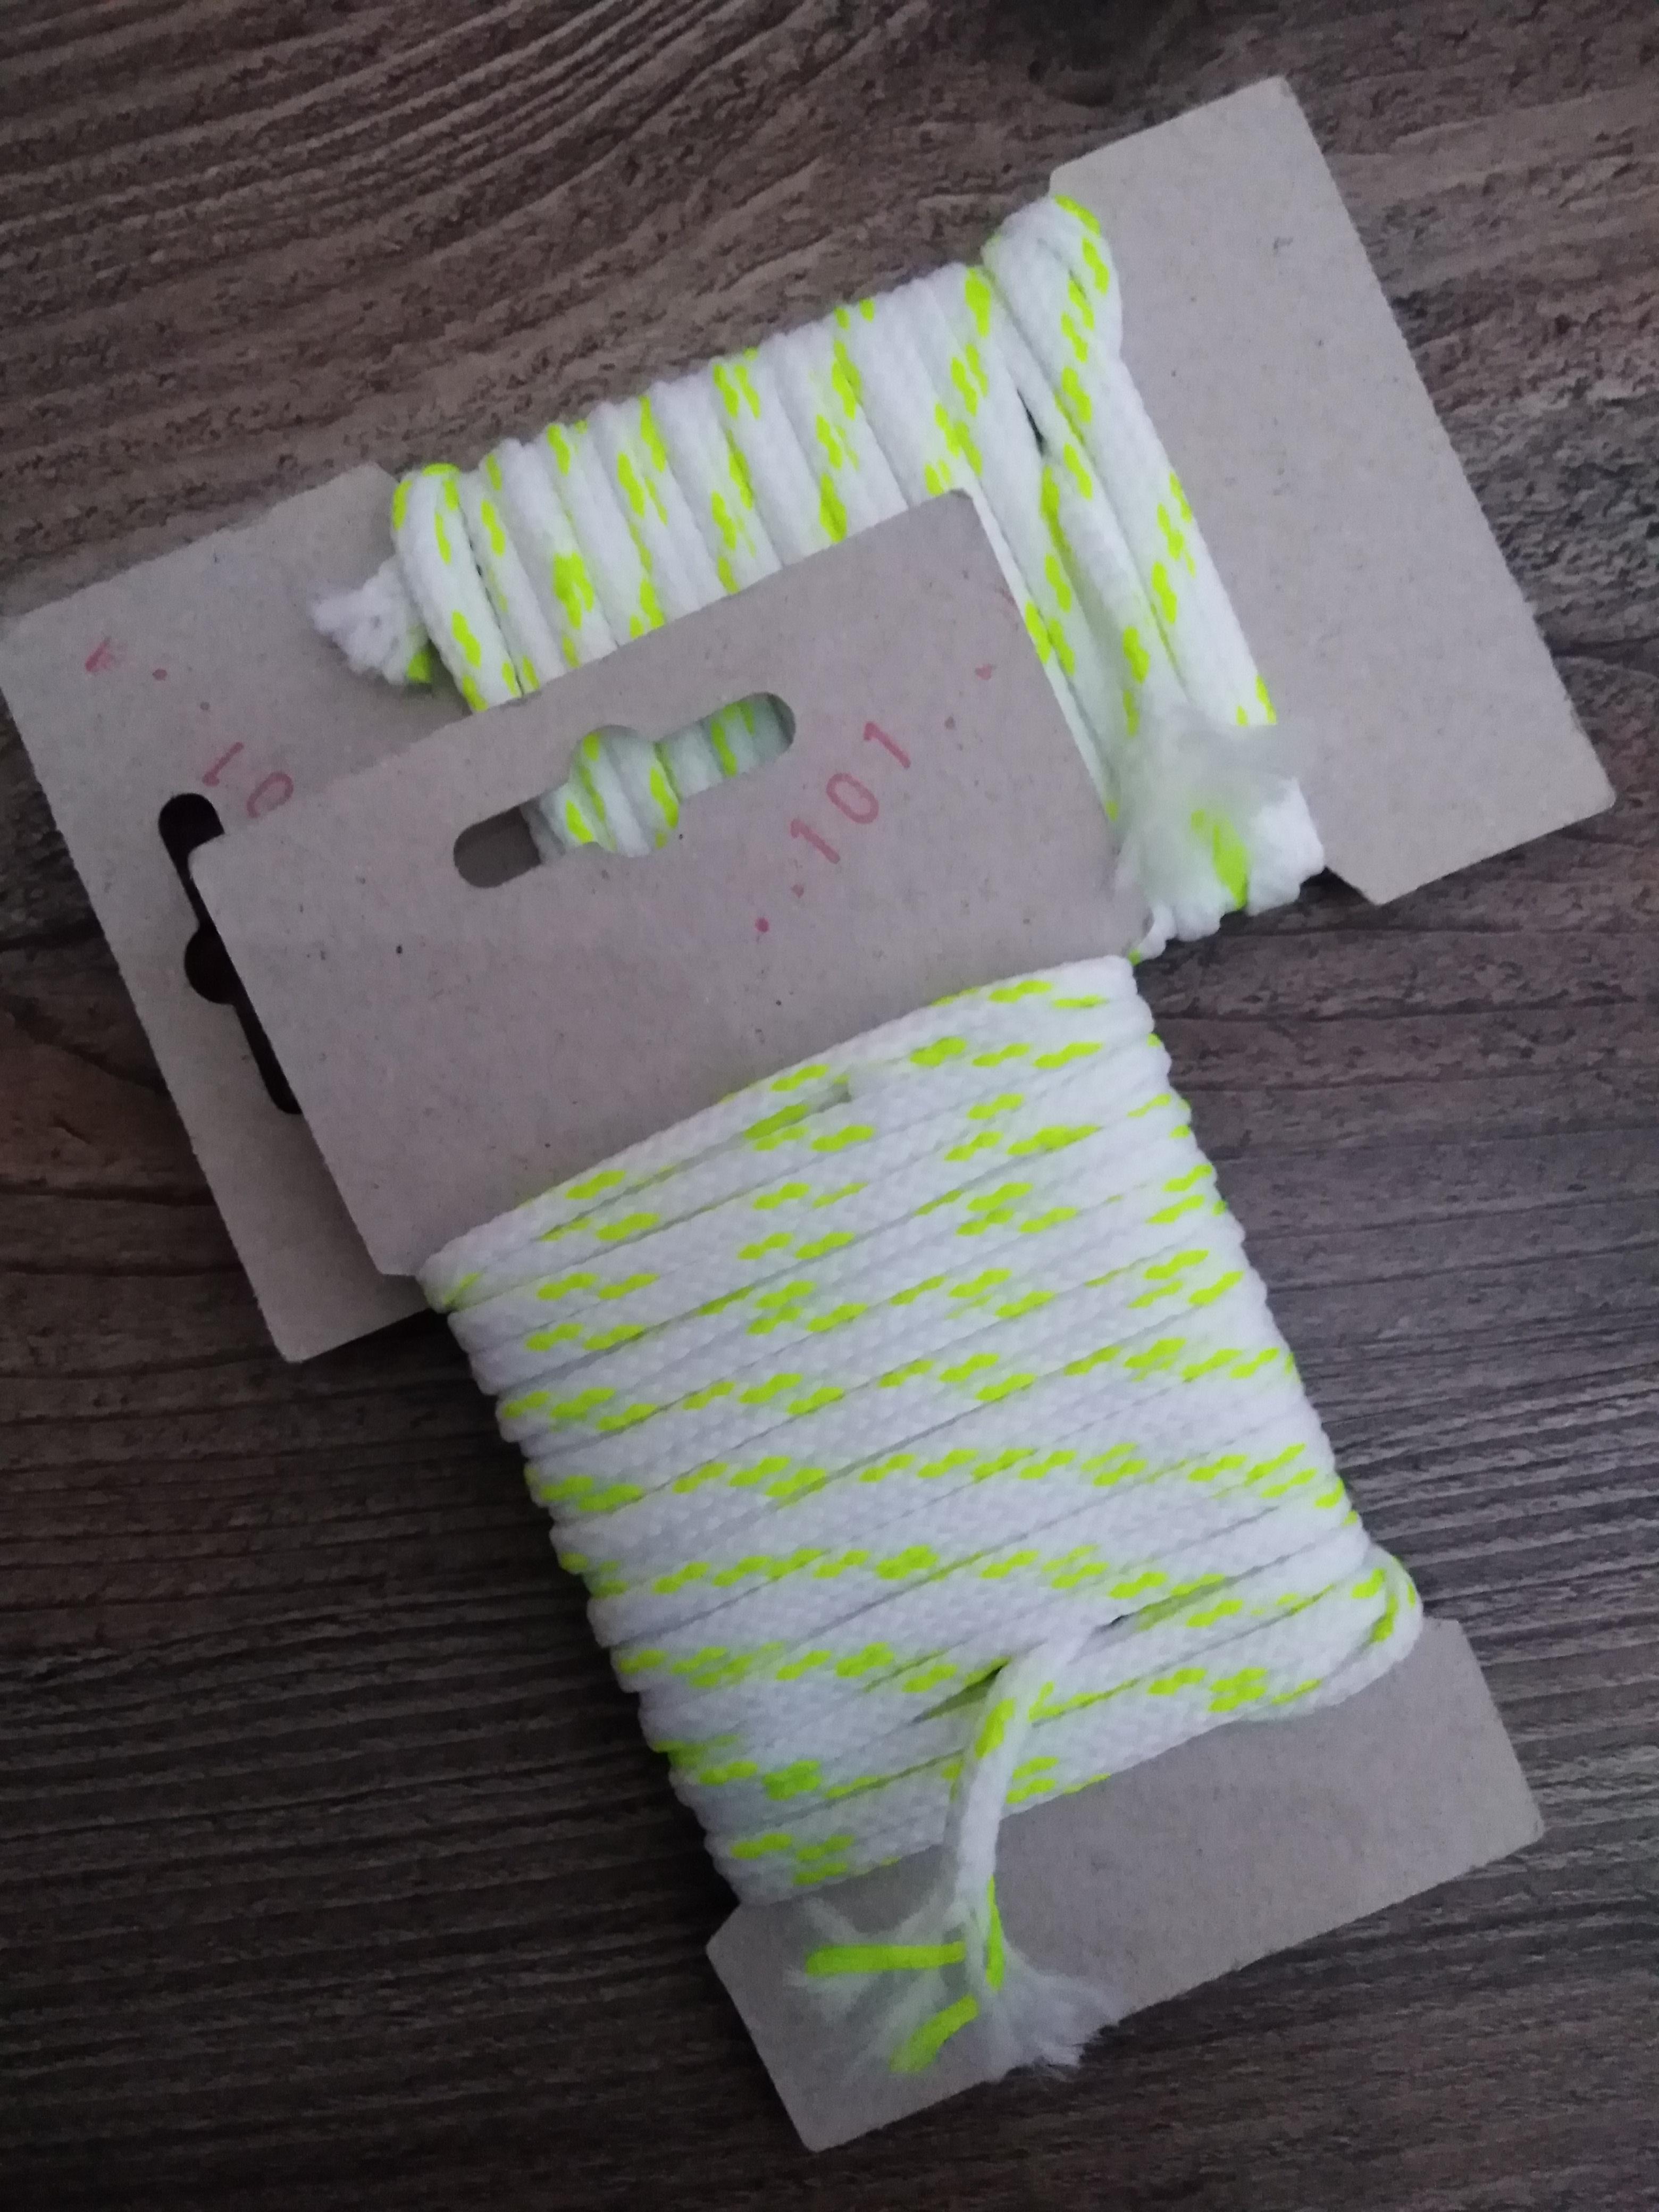 Šňůra oděvní polyesterová 4 mm karta 5 m bílá-reflexní žlutá